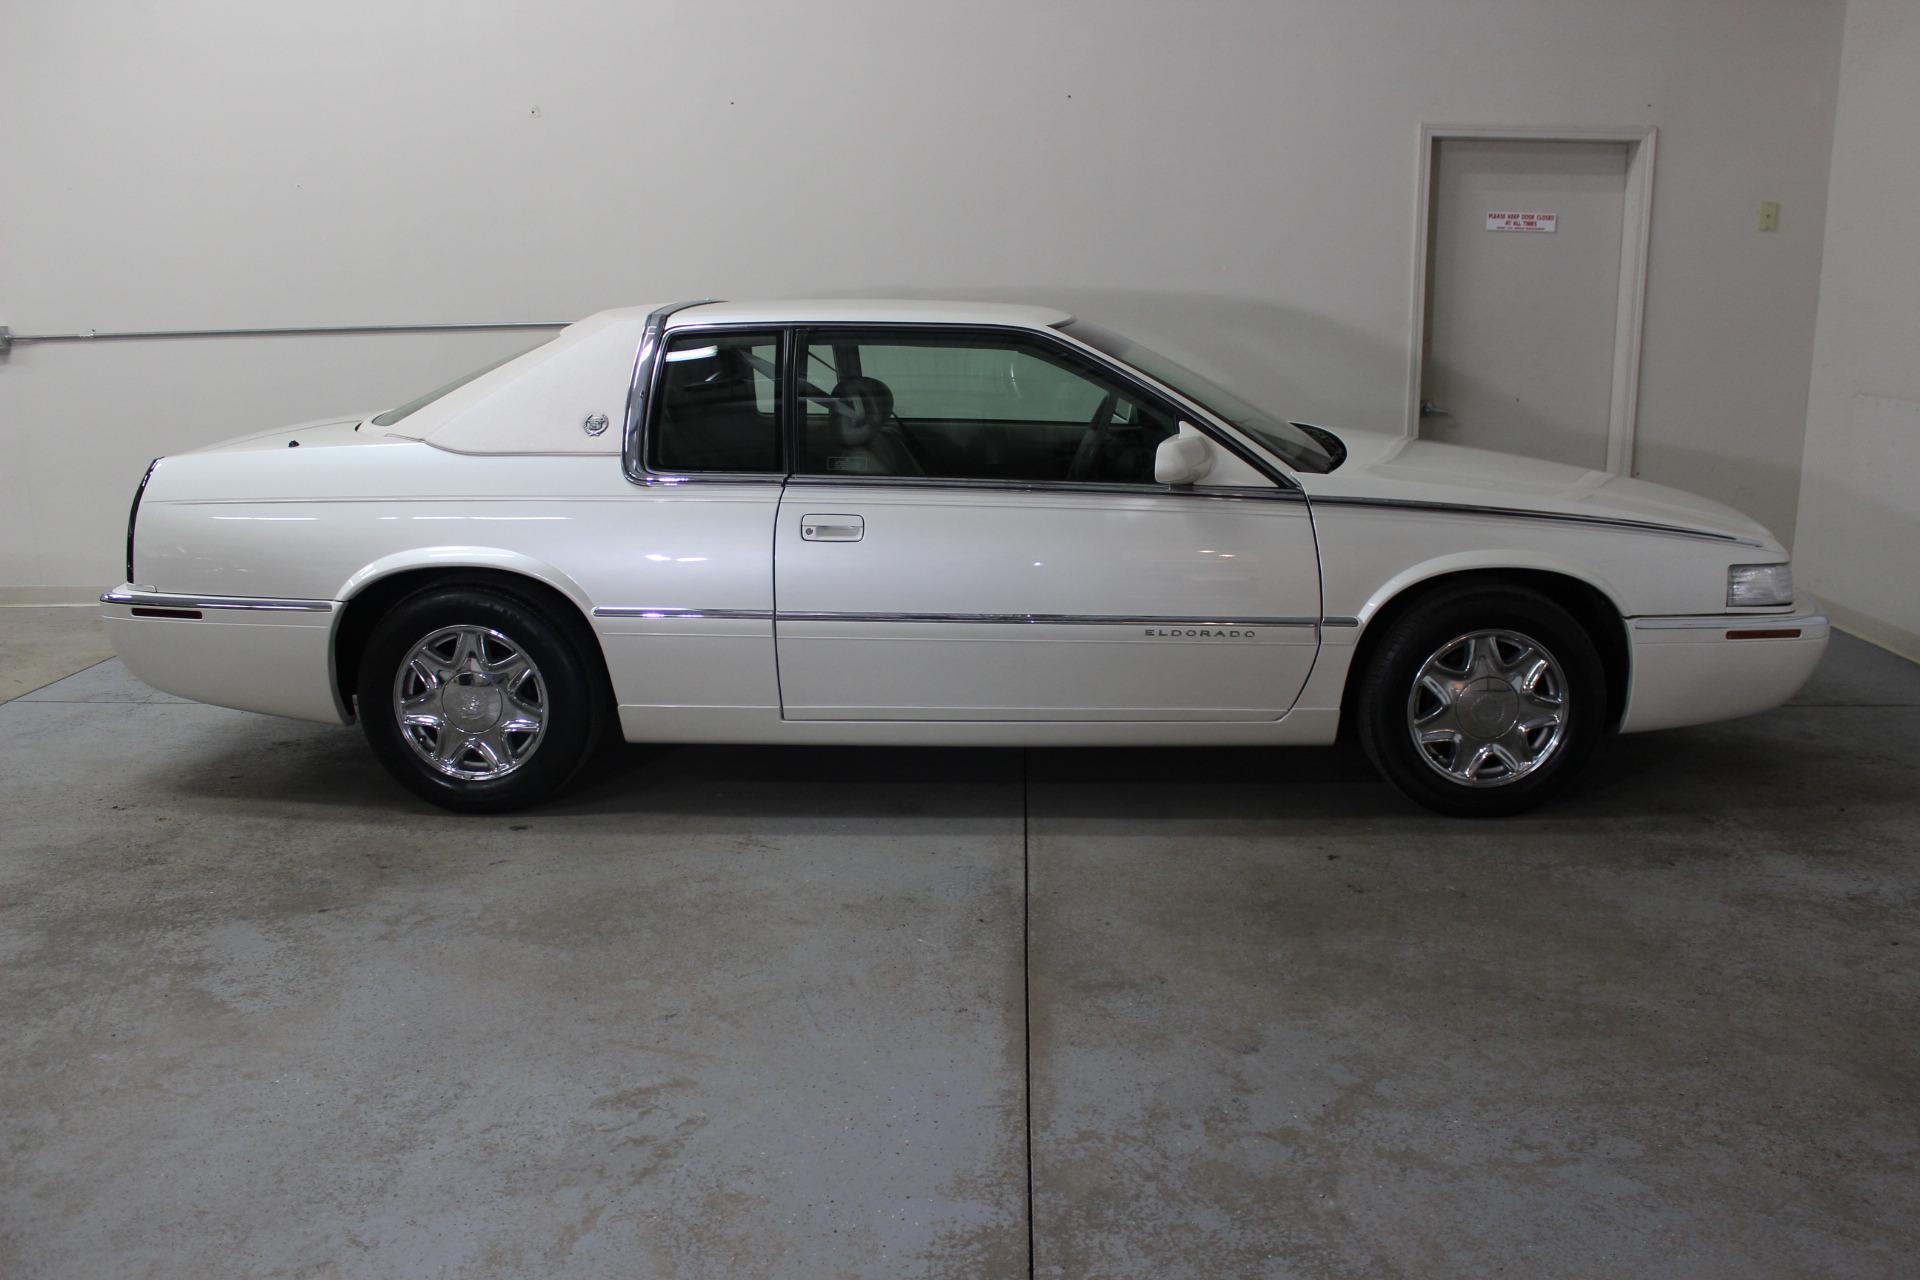 1997 cadillac eldorado biscayne auto sales pre owned dealership ontario ny 1997 cadillac eldorado biscayne auto